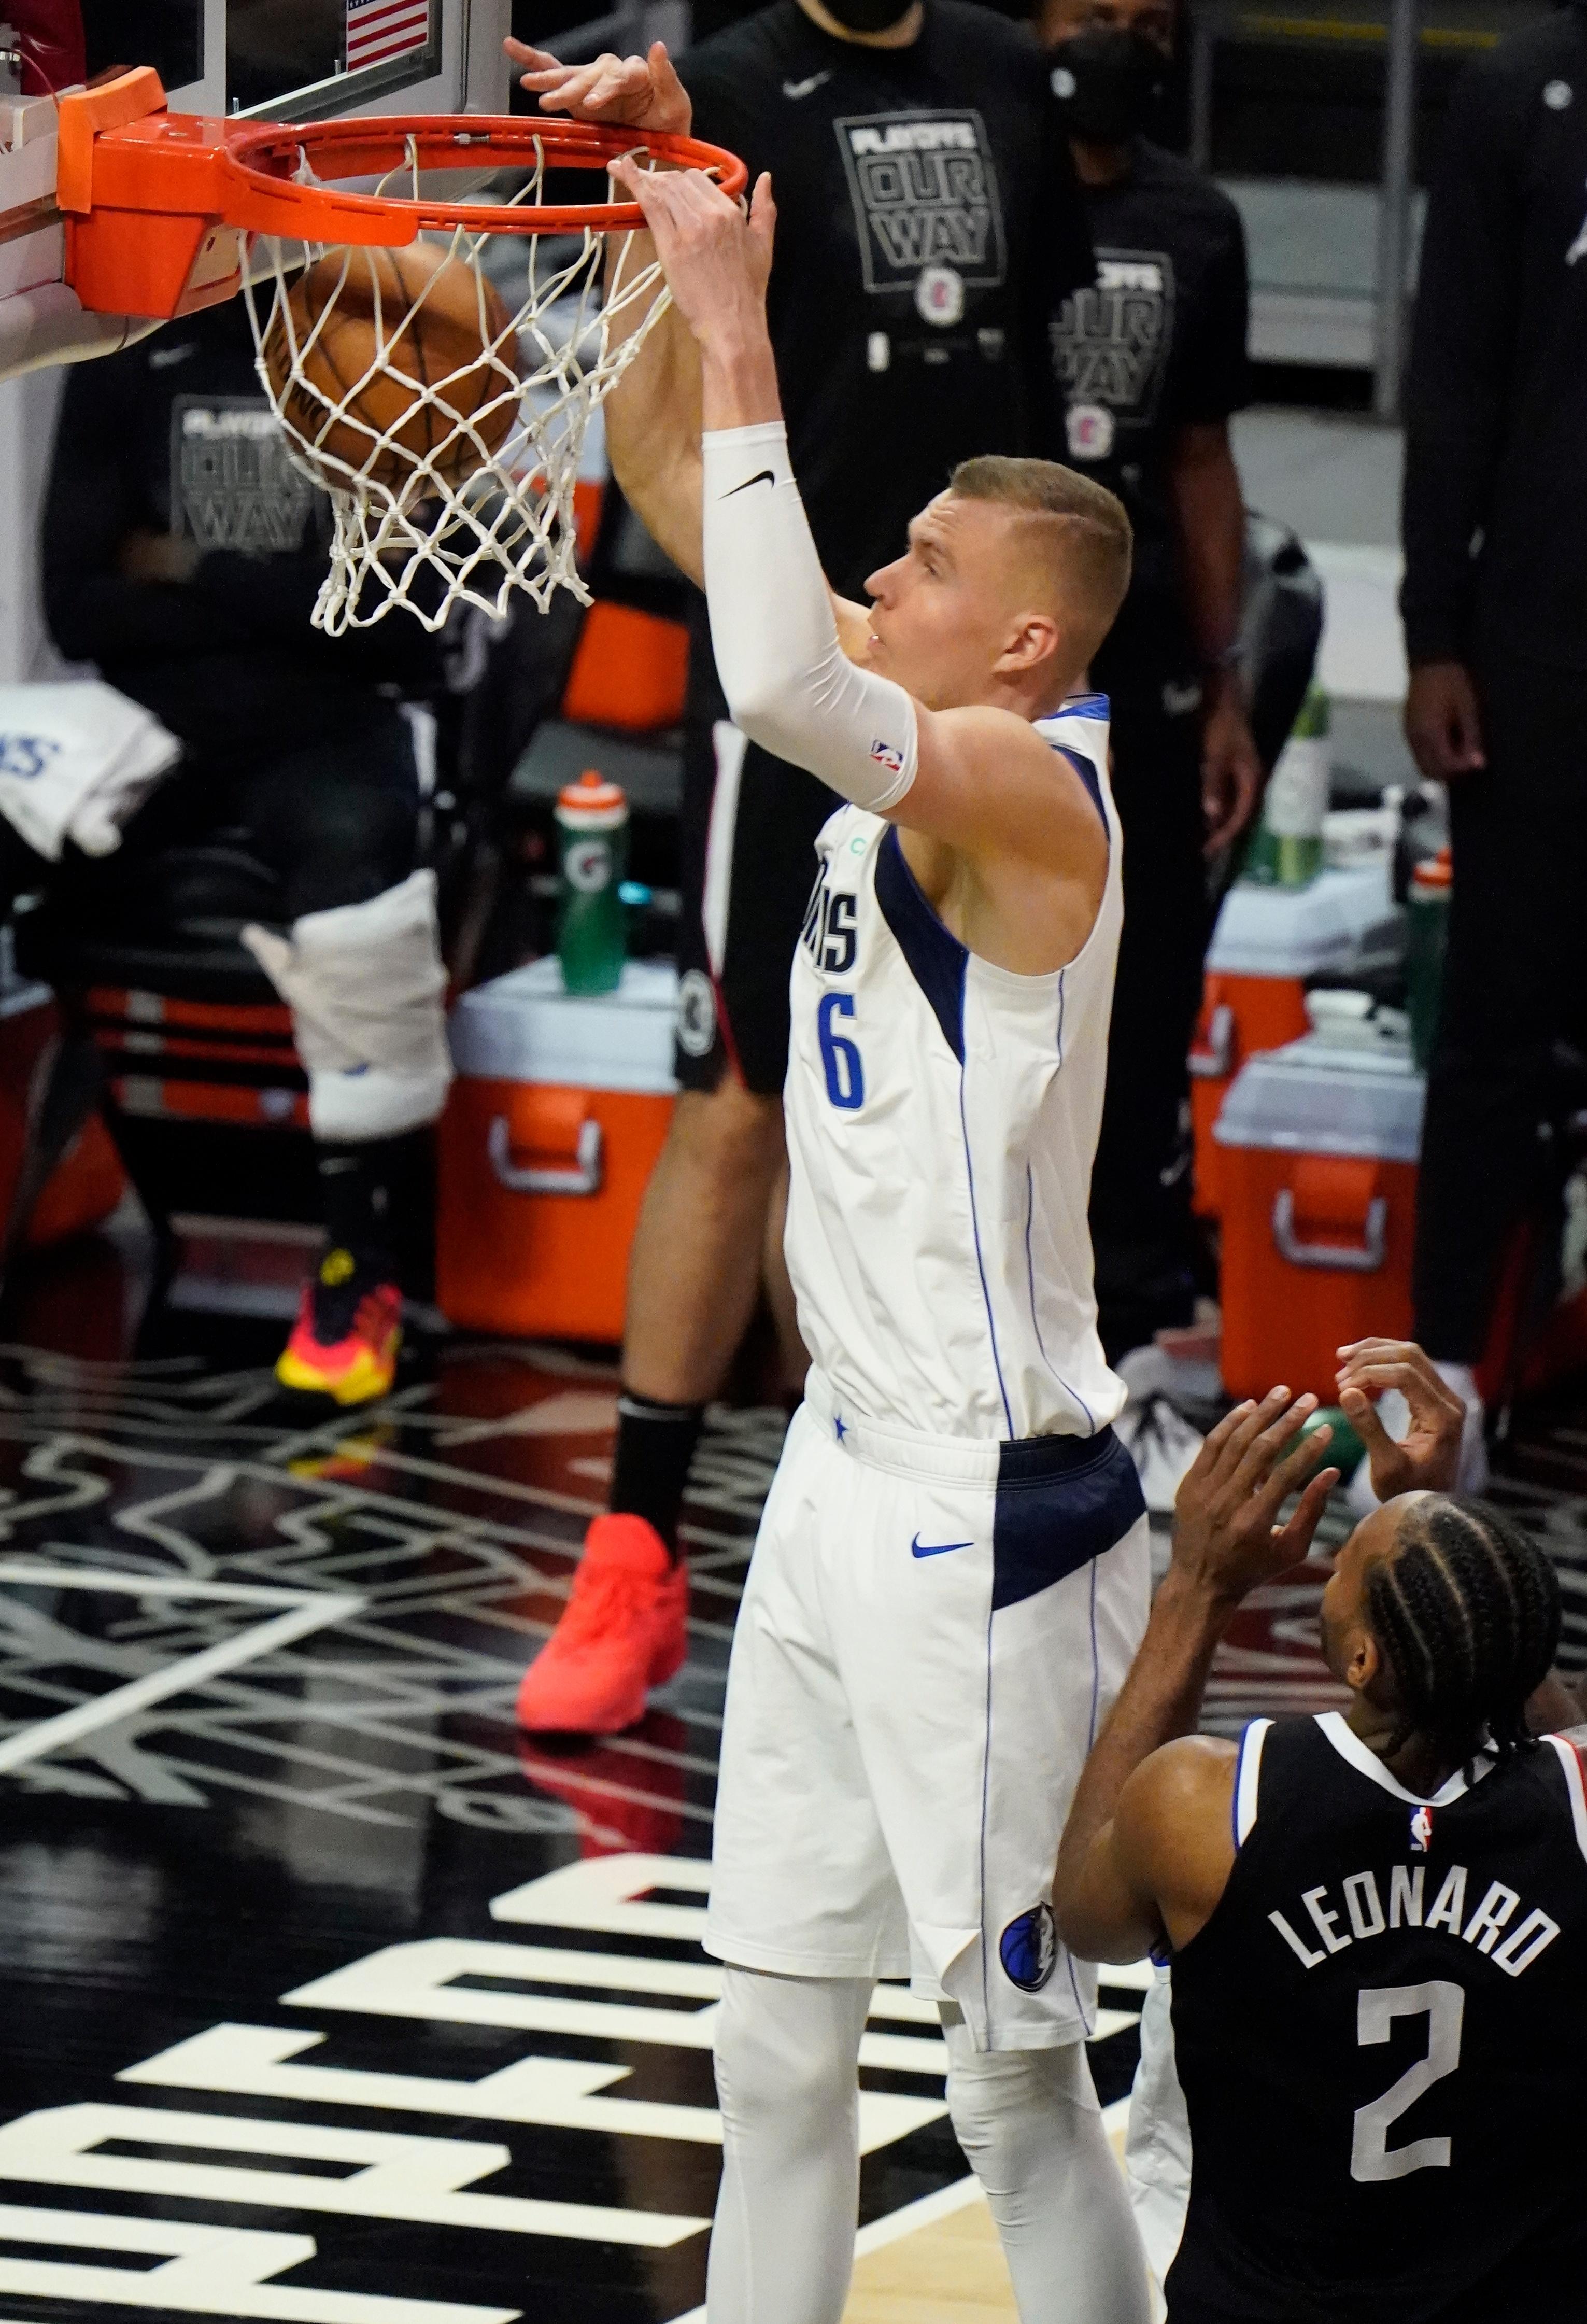 NBA: Playoffs-Dallas Mavericks at Los Angeles Clippers